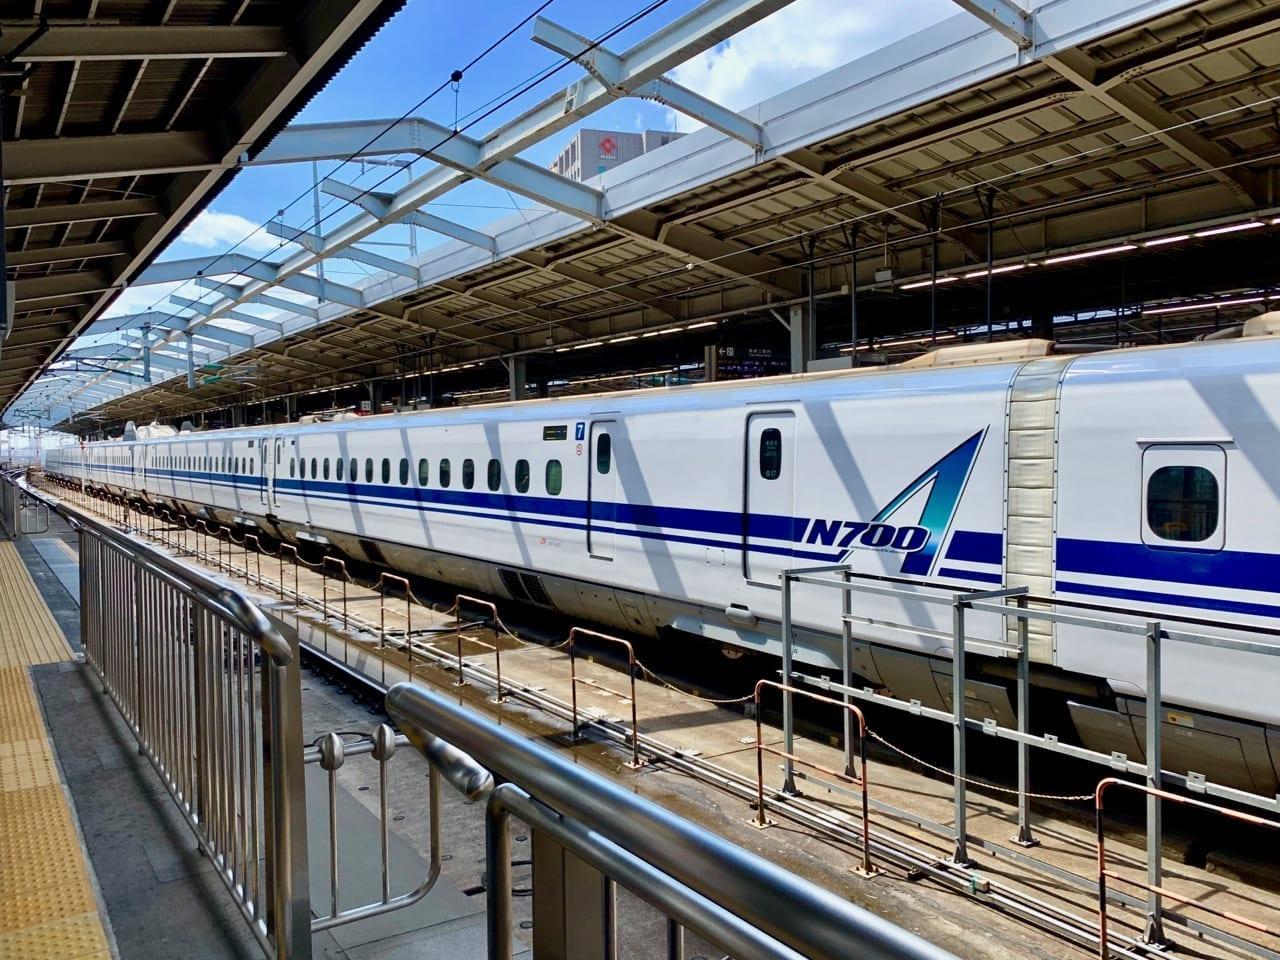 Ein Shinkansen Zug steht im Bahnhof in Kyoto